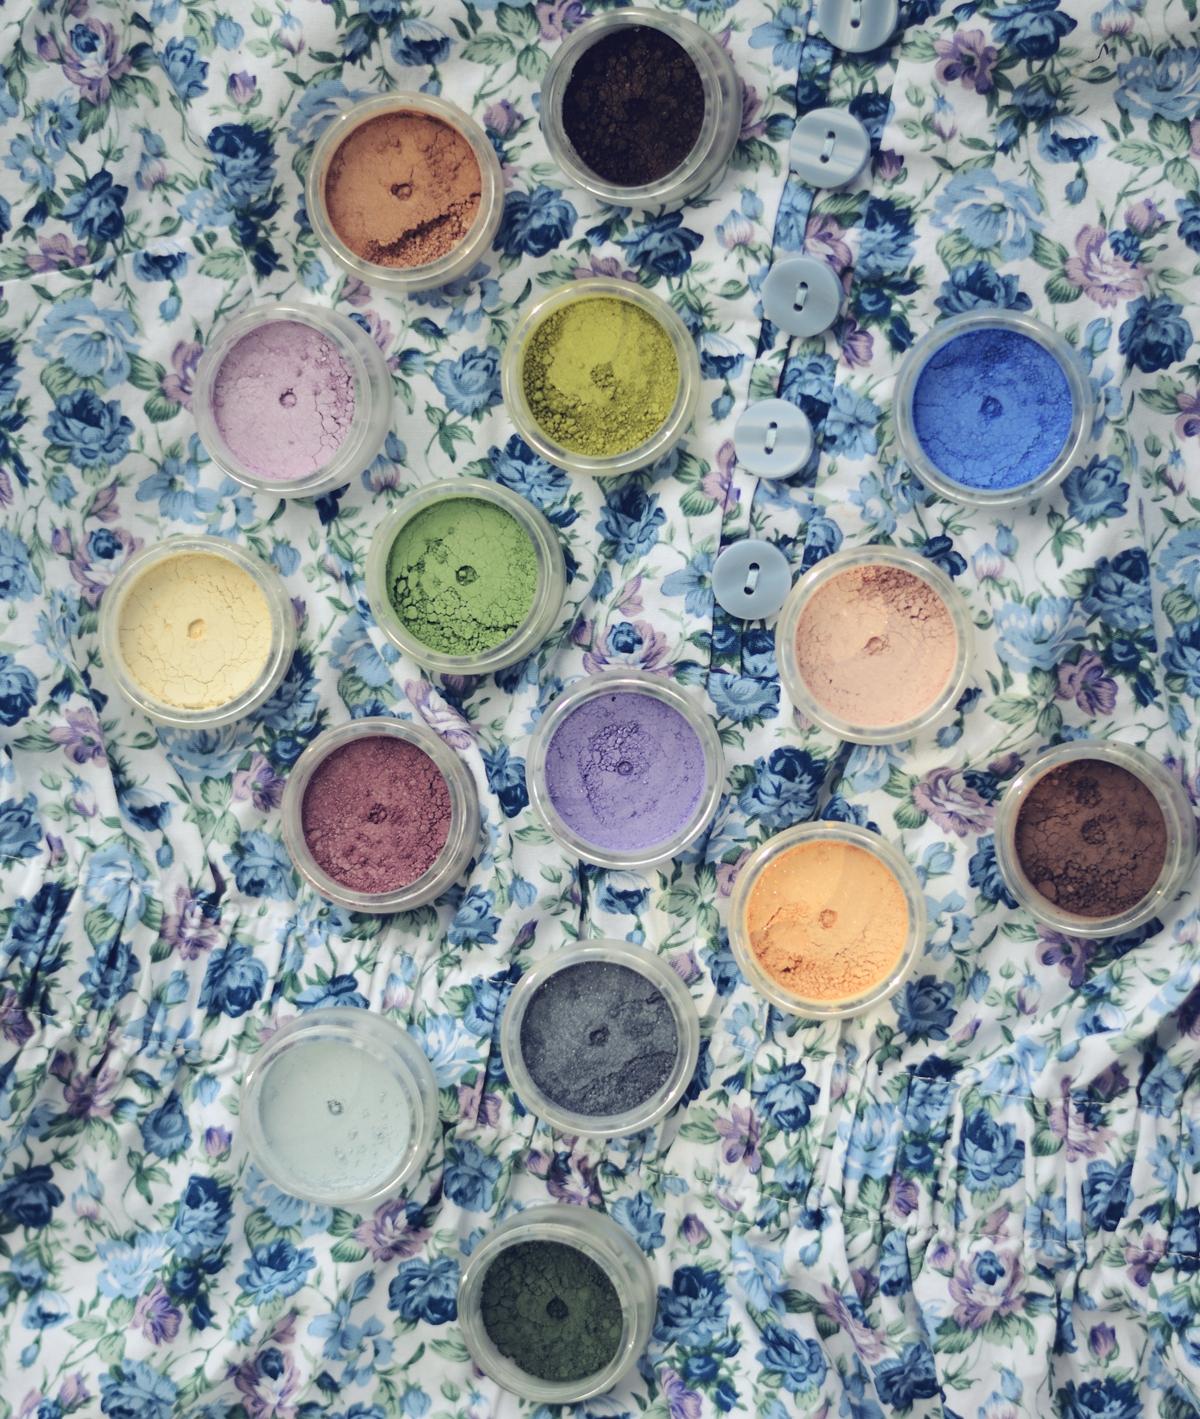 Cukiereczki Ecolore warte grzechu | Wszystkie kolory mineralnych cieni